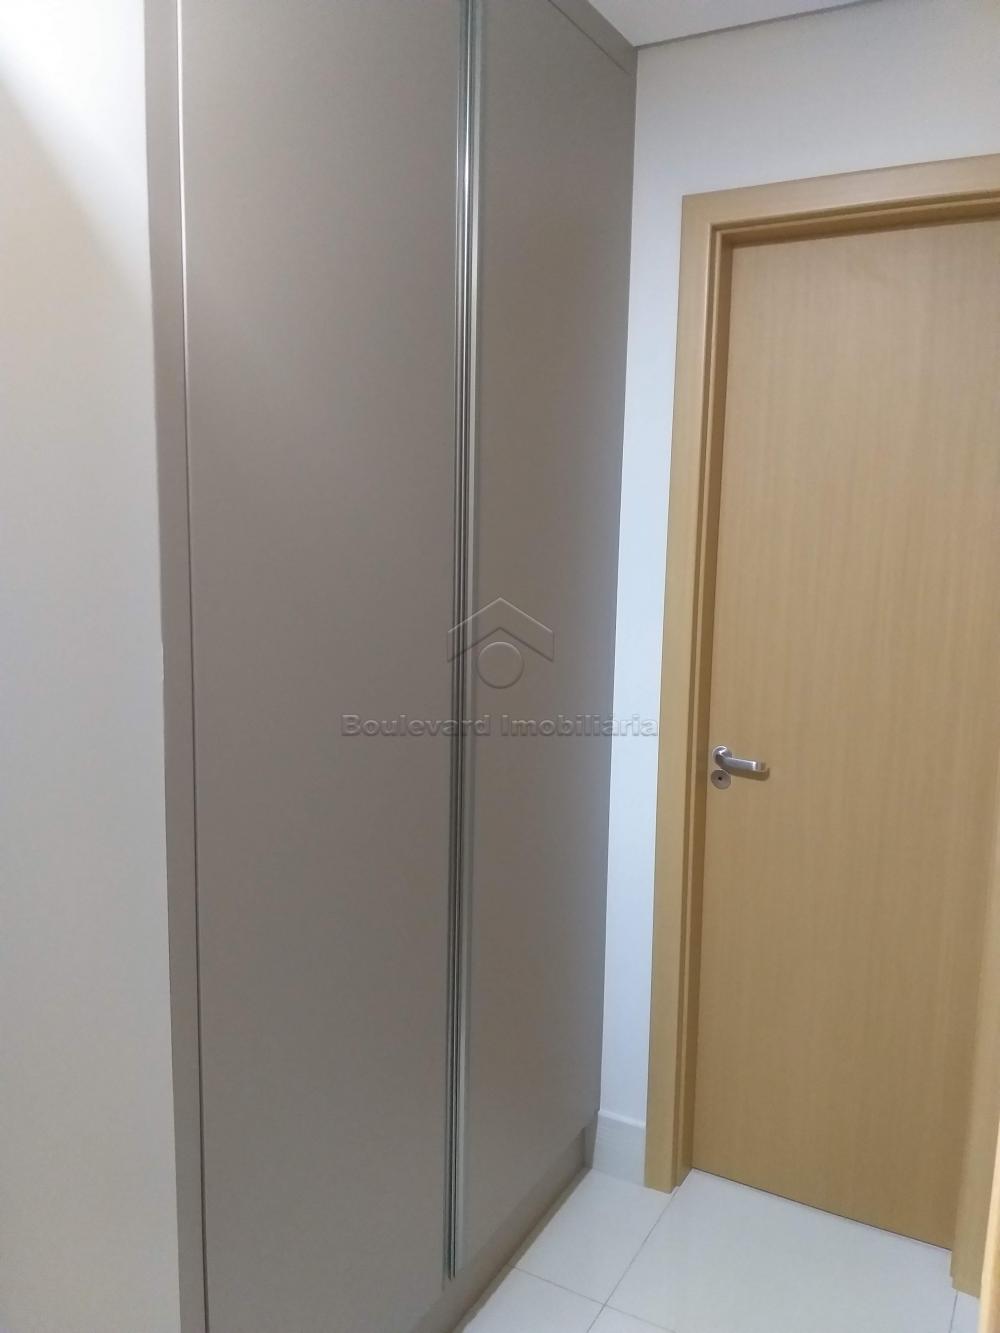 Comprar Apartamento / Padrão em Ribeirão Preto apenas R$ 740.000,00 - Foto 18